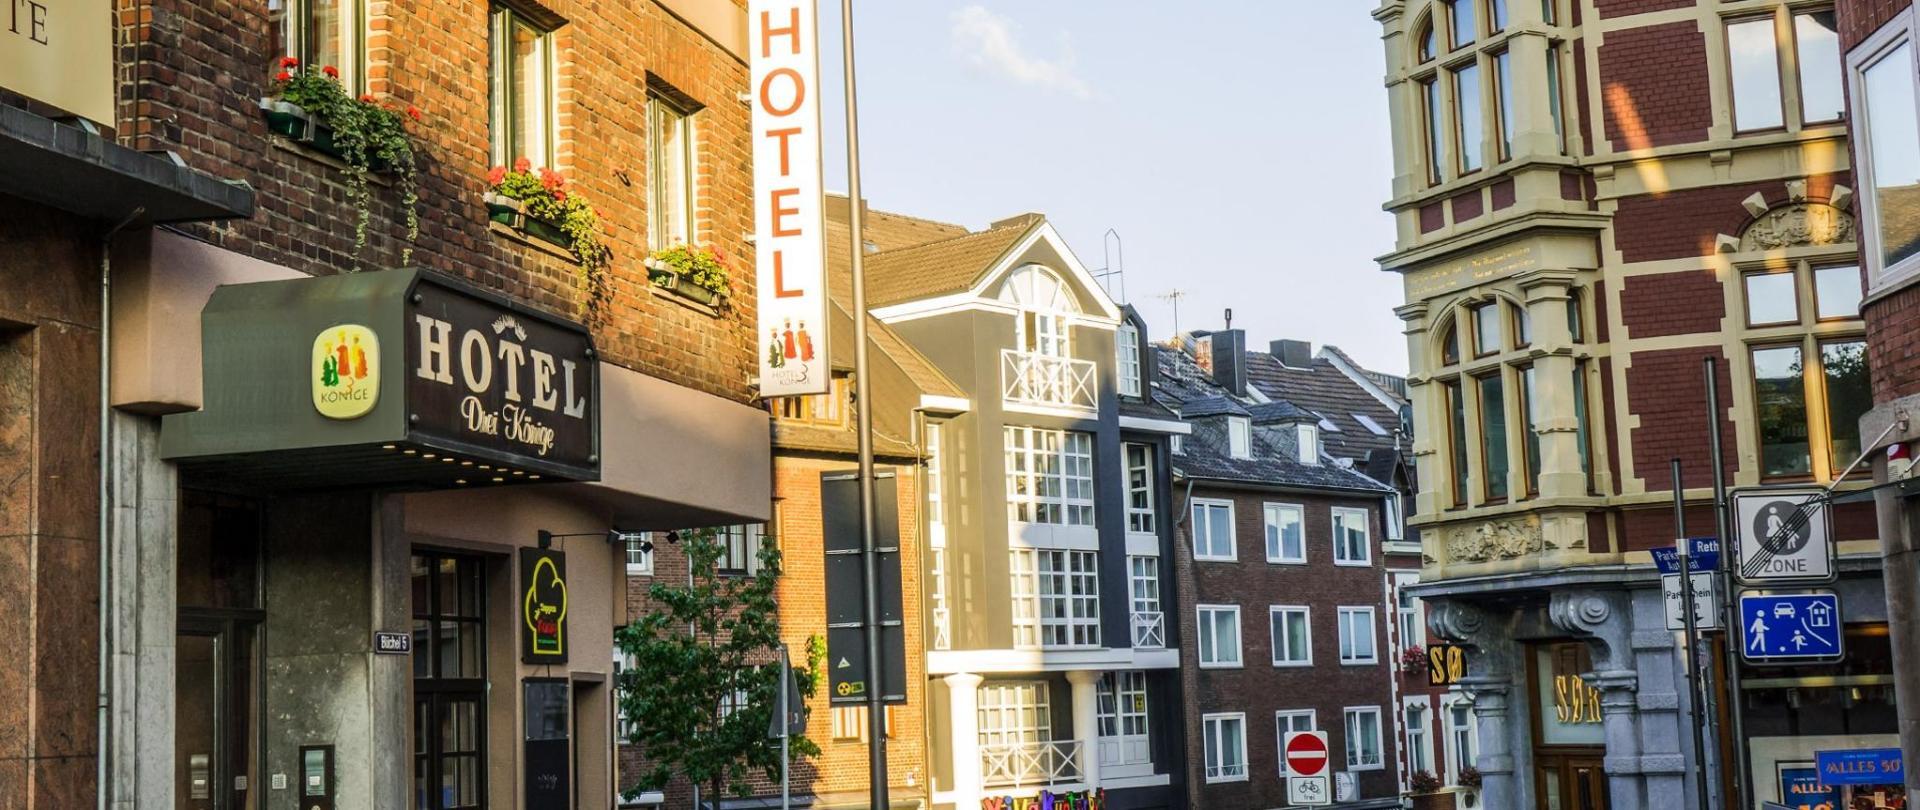 hotel-3koenige-aachen-01.jpg